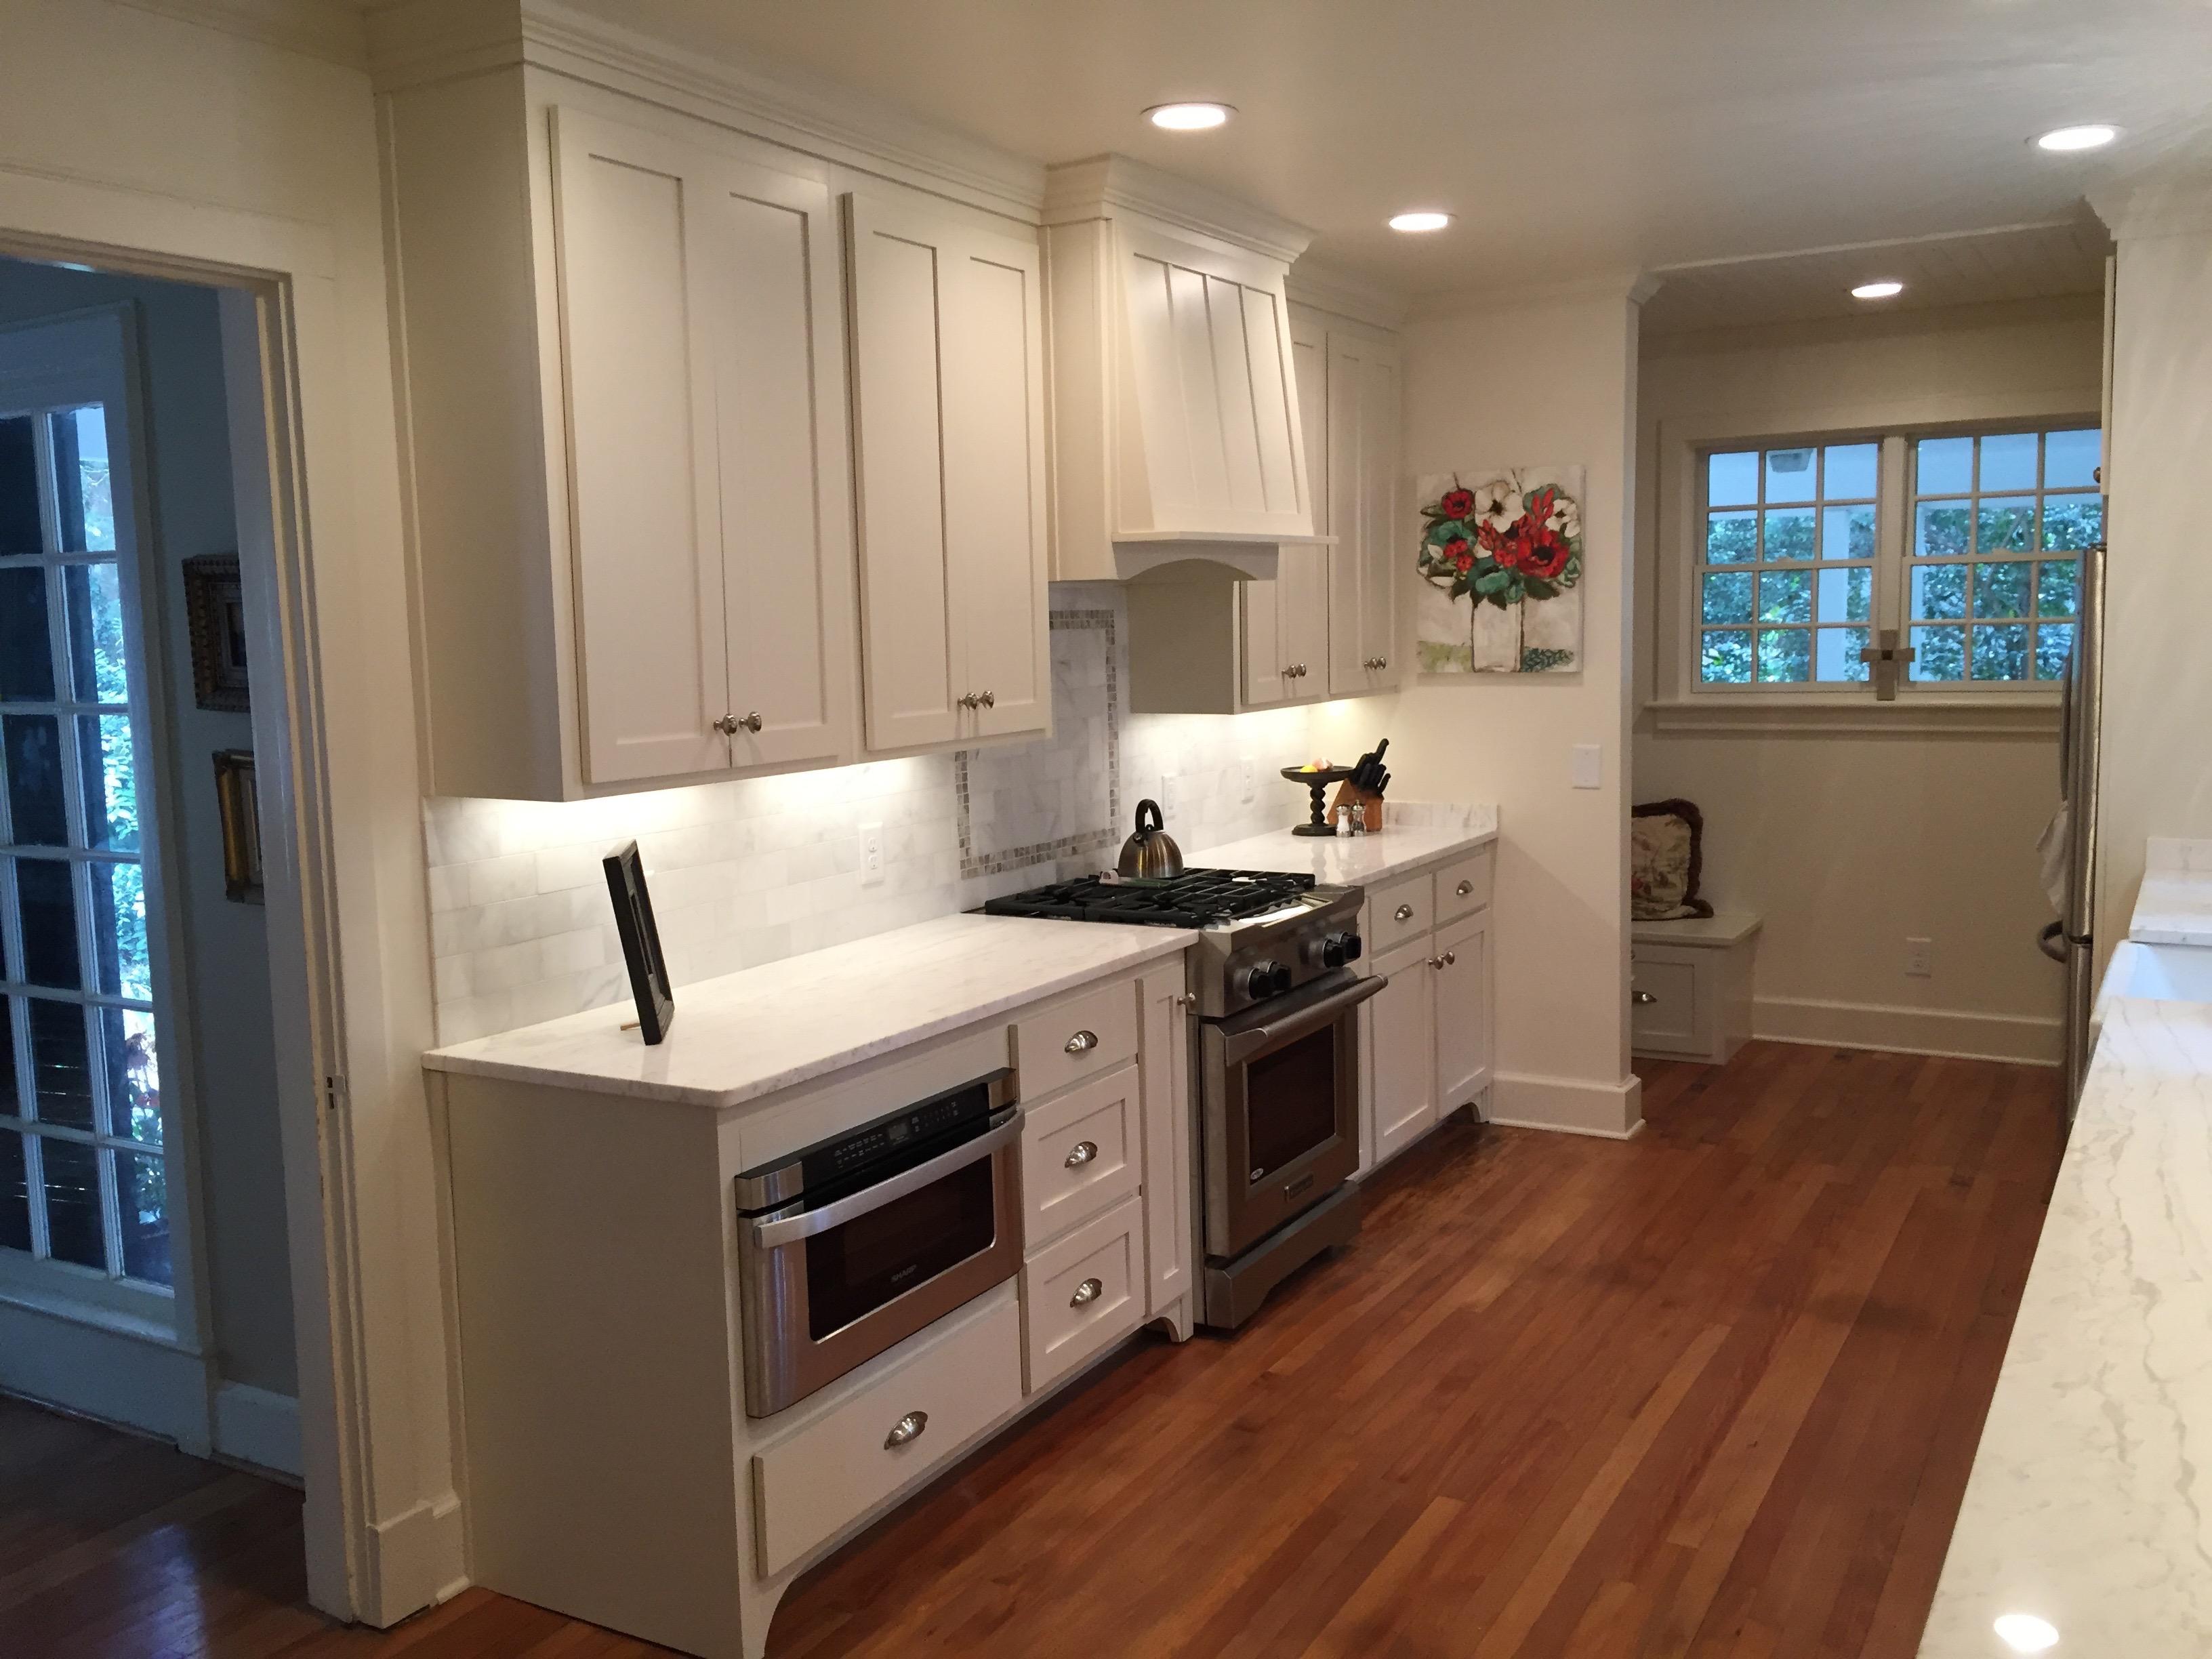 Kitchen remodel in Auburn, AL